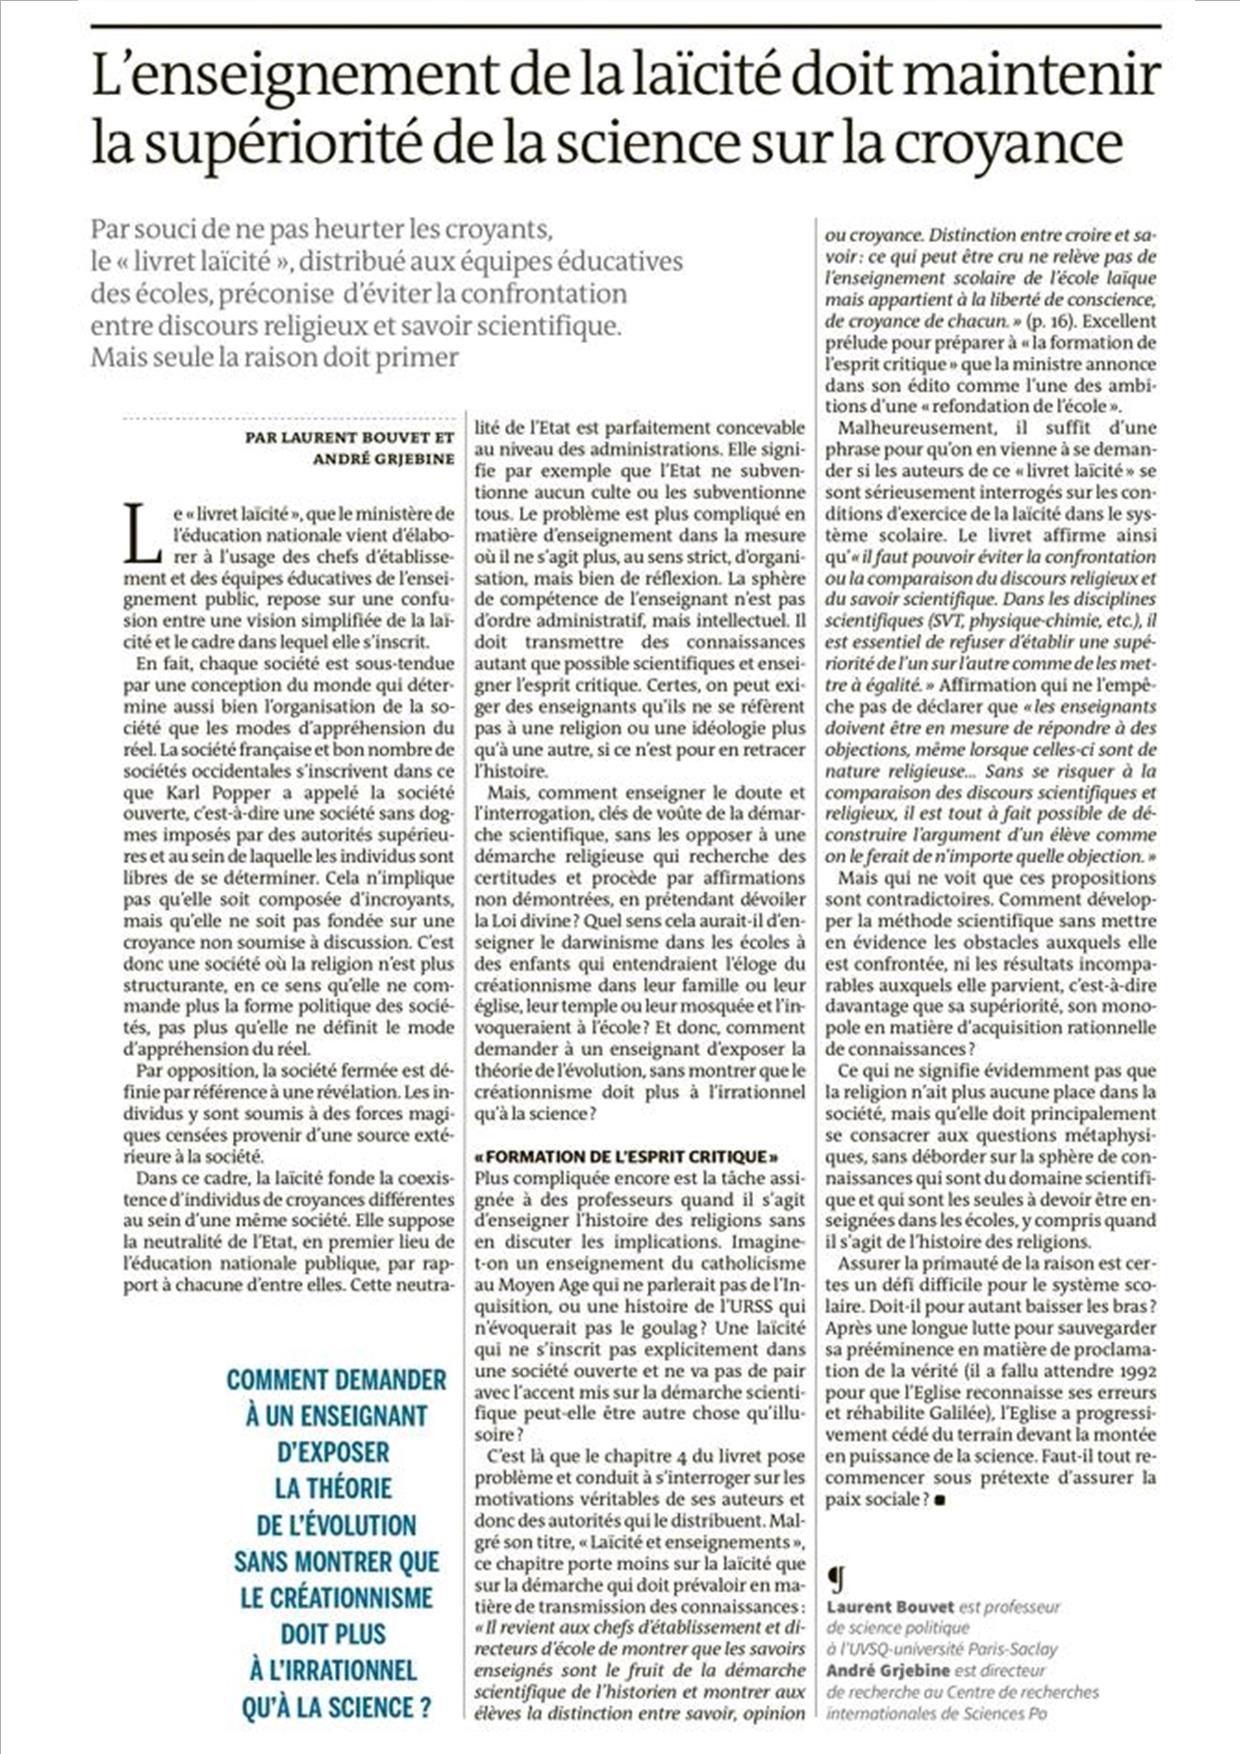 Article n°6